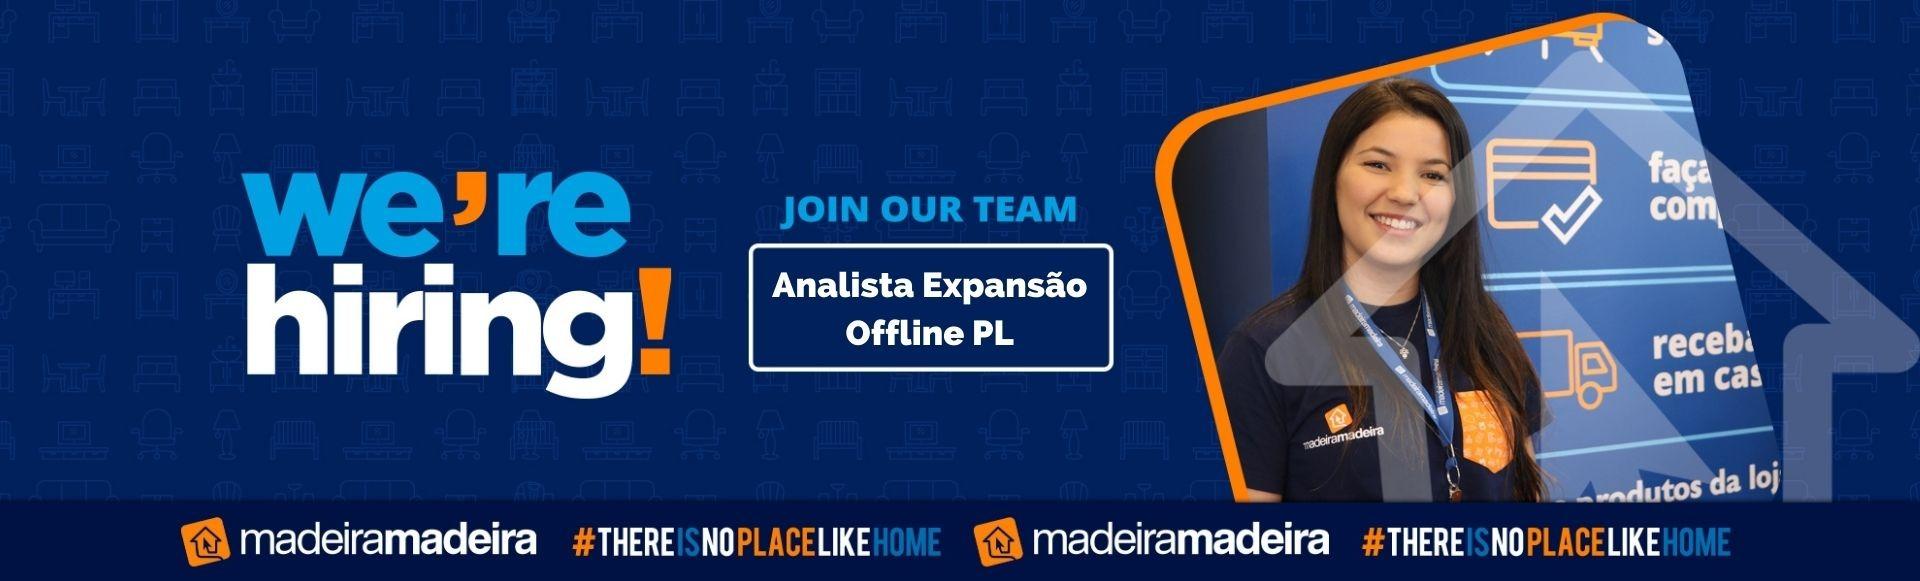 Analista Expansão Offline PL (Paraná e Santa Catarina)